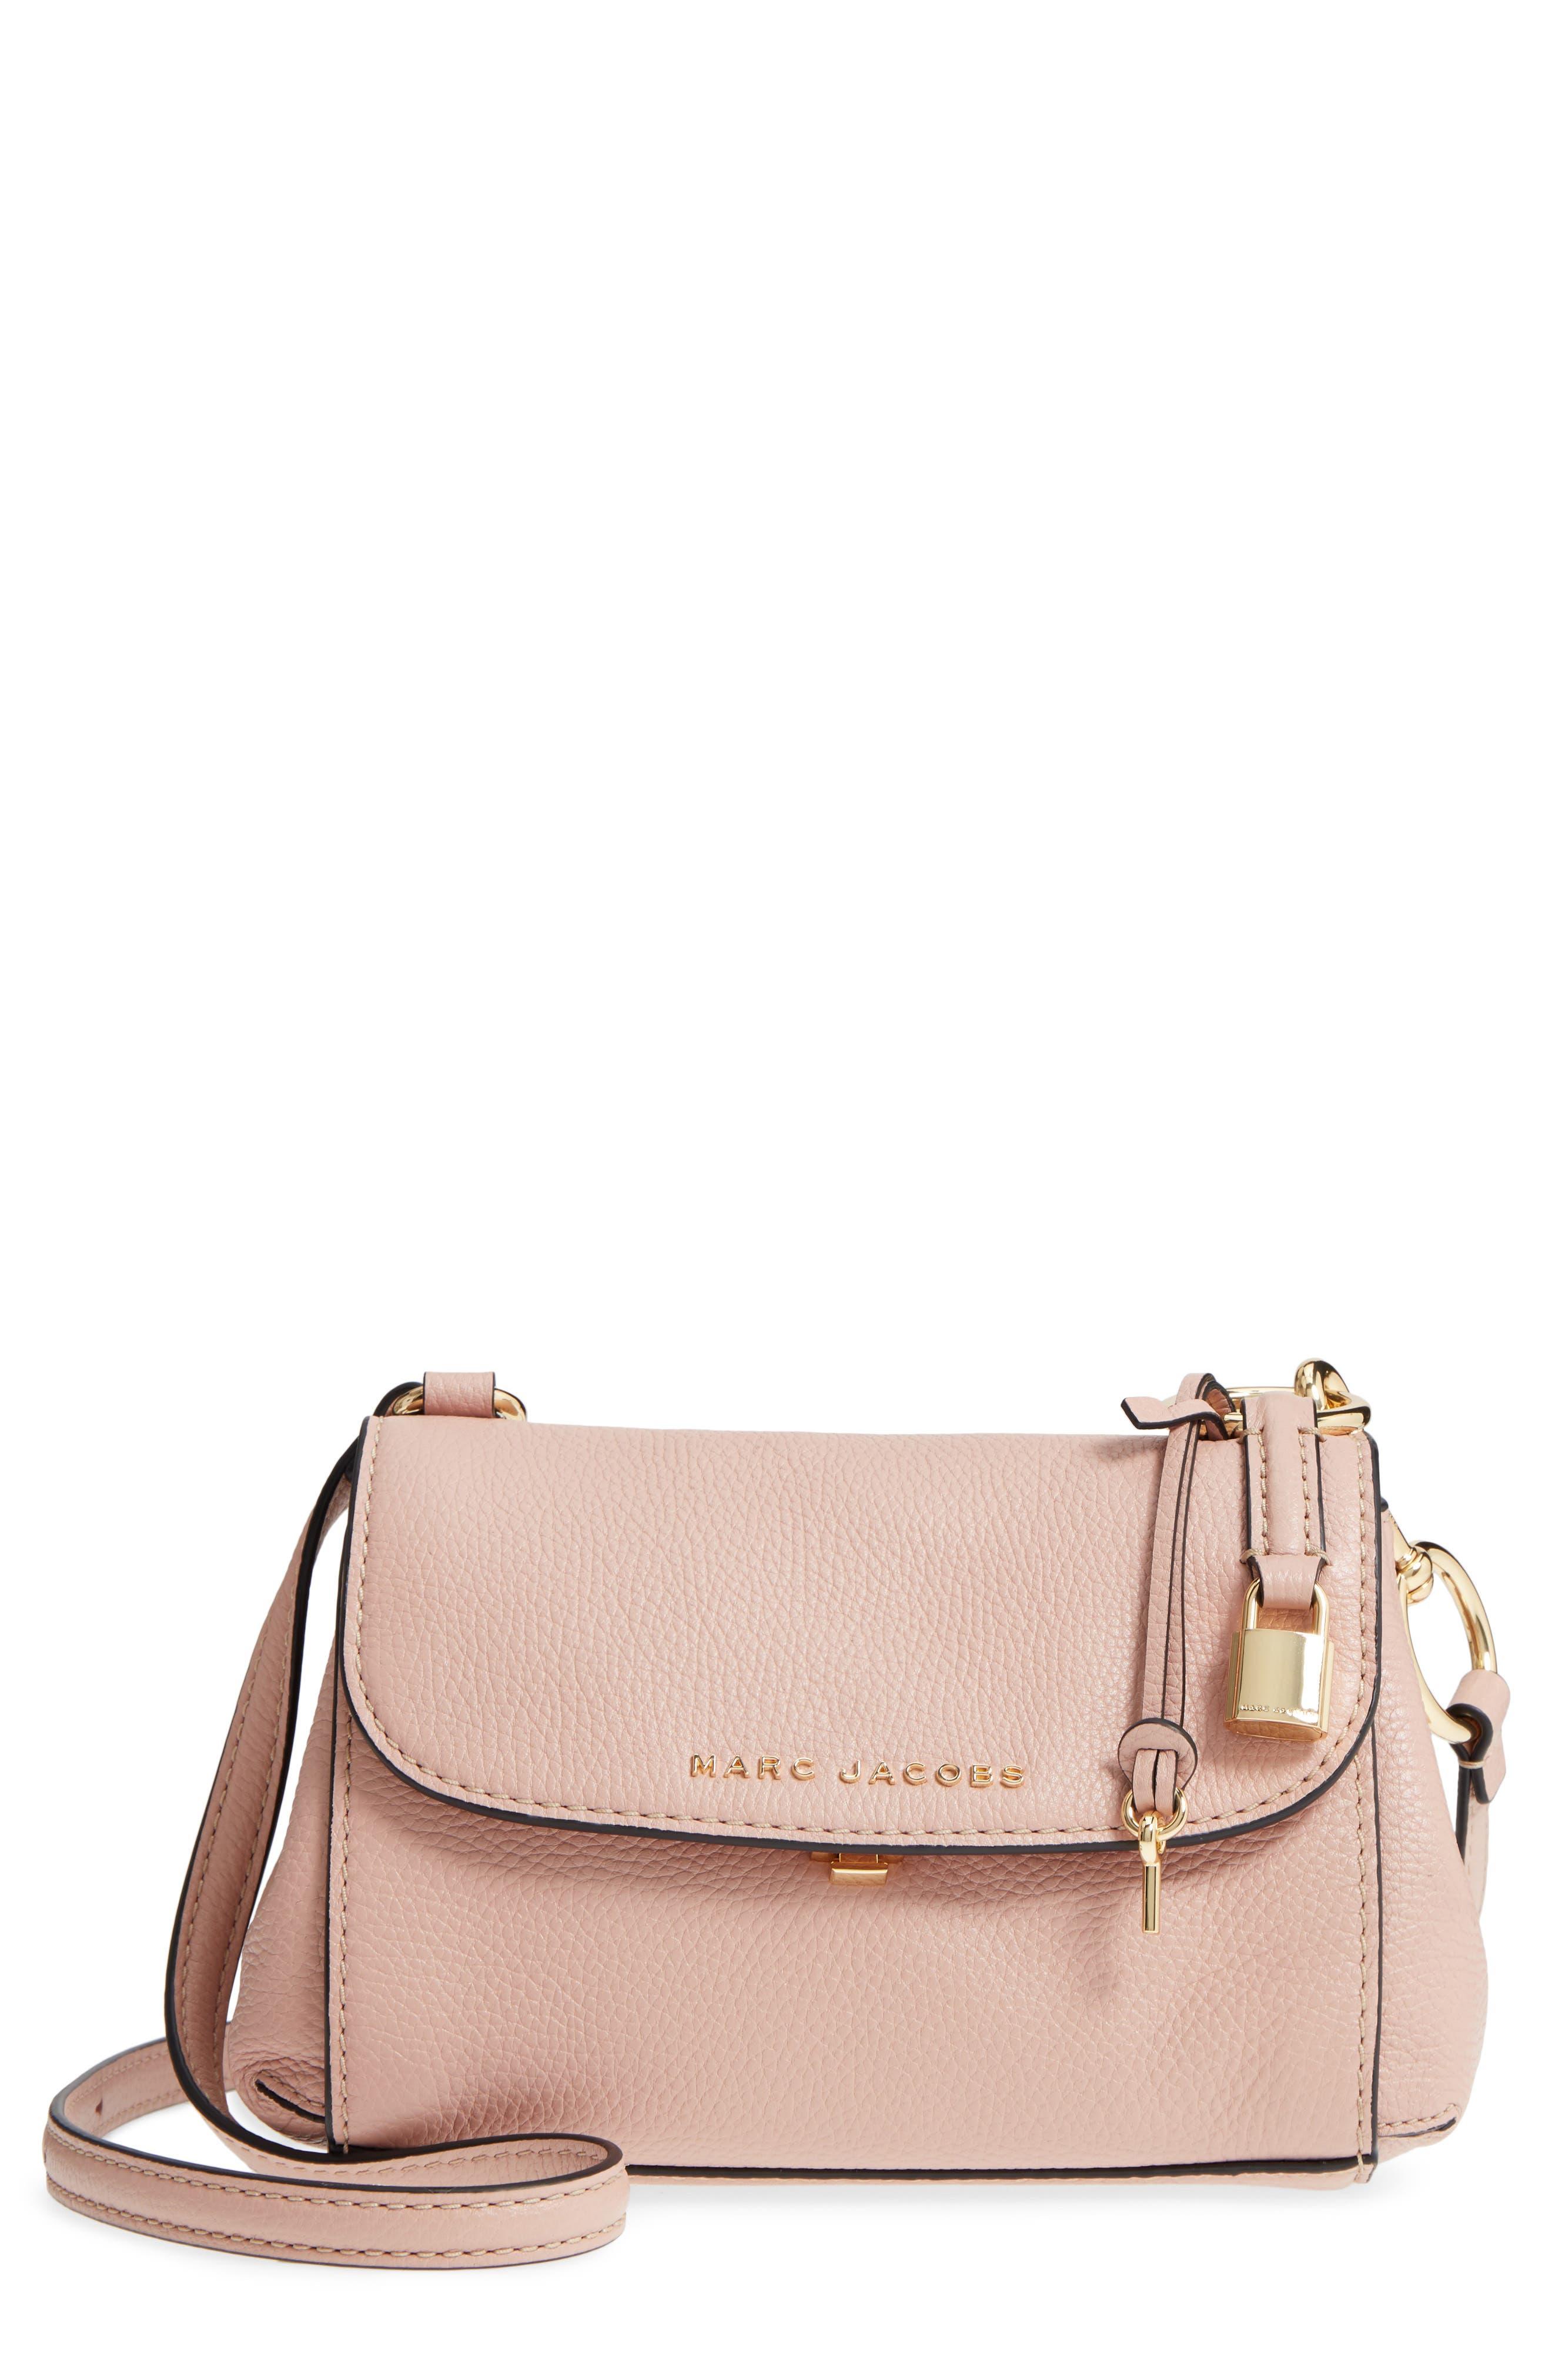 MARC JACOBS Mini The Boho Grind Leather Shoulder Bag